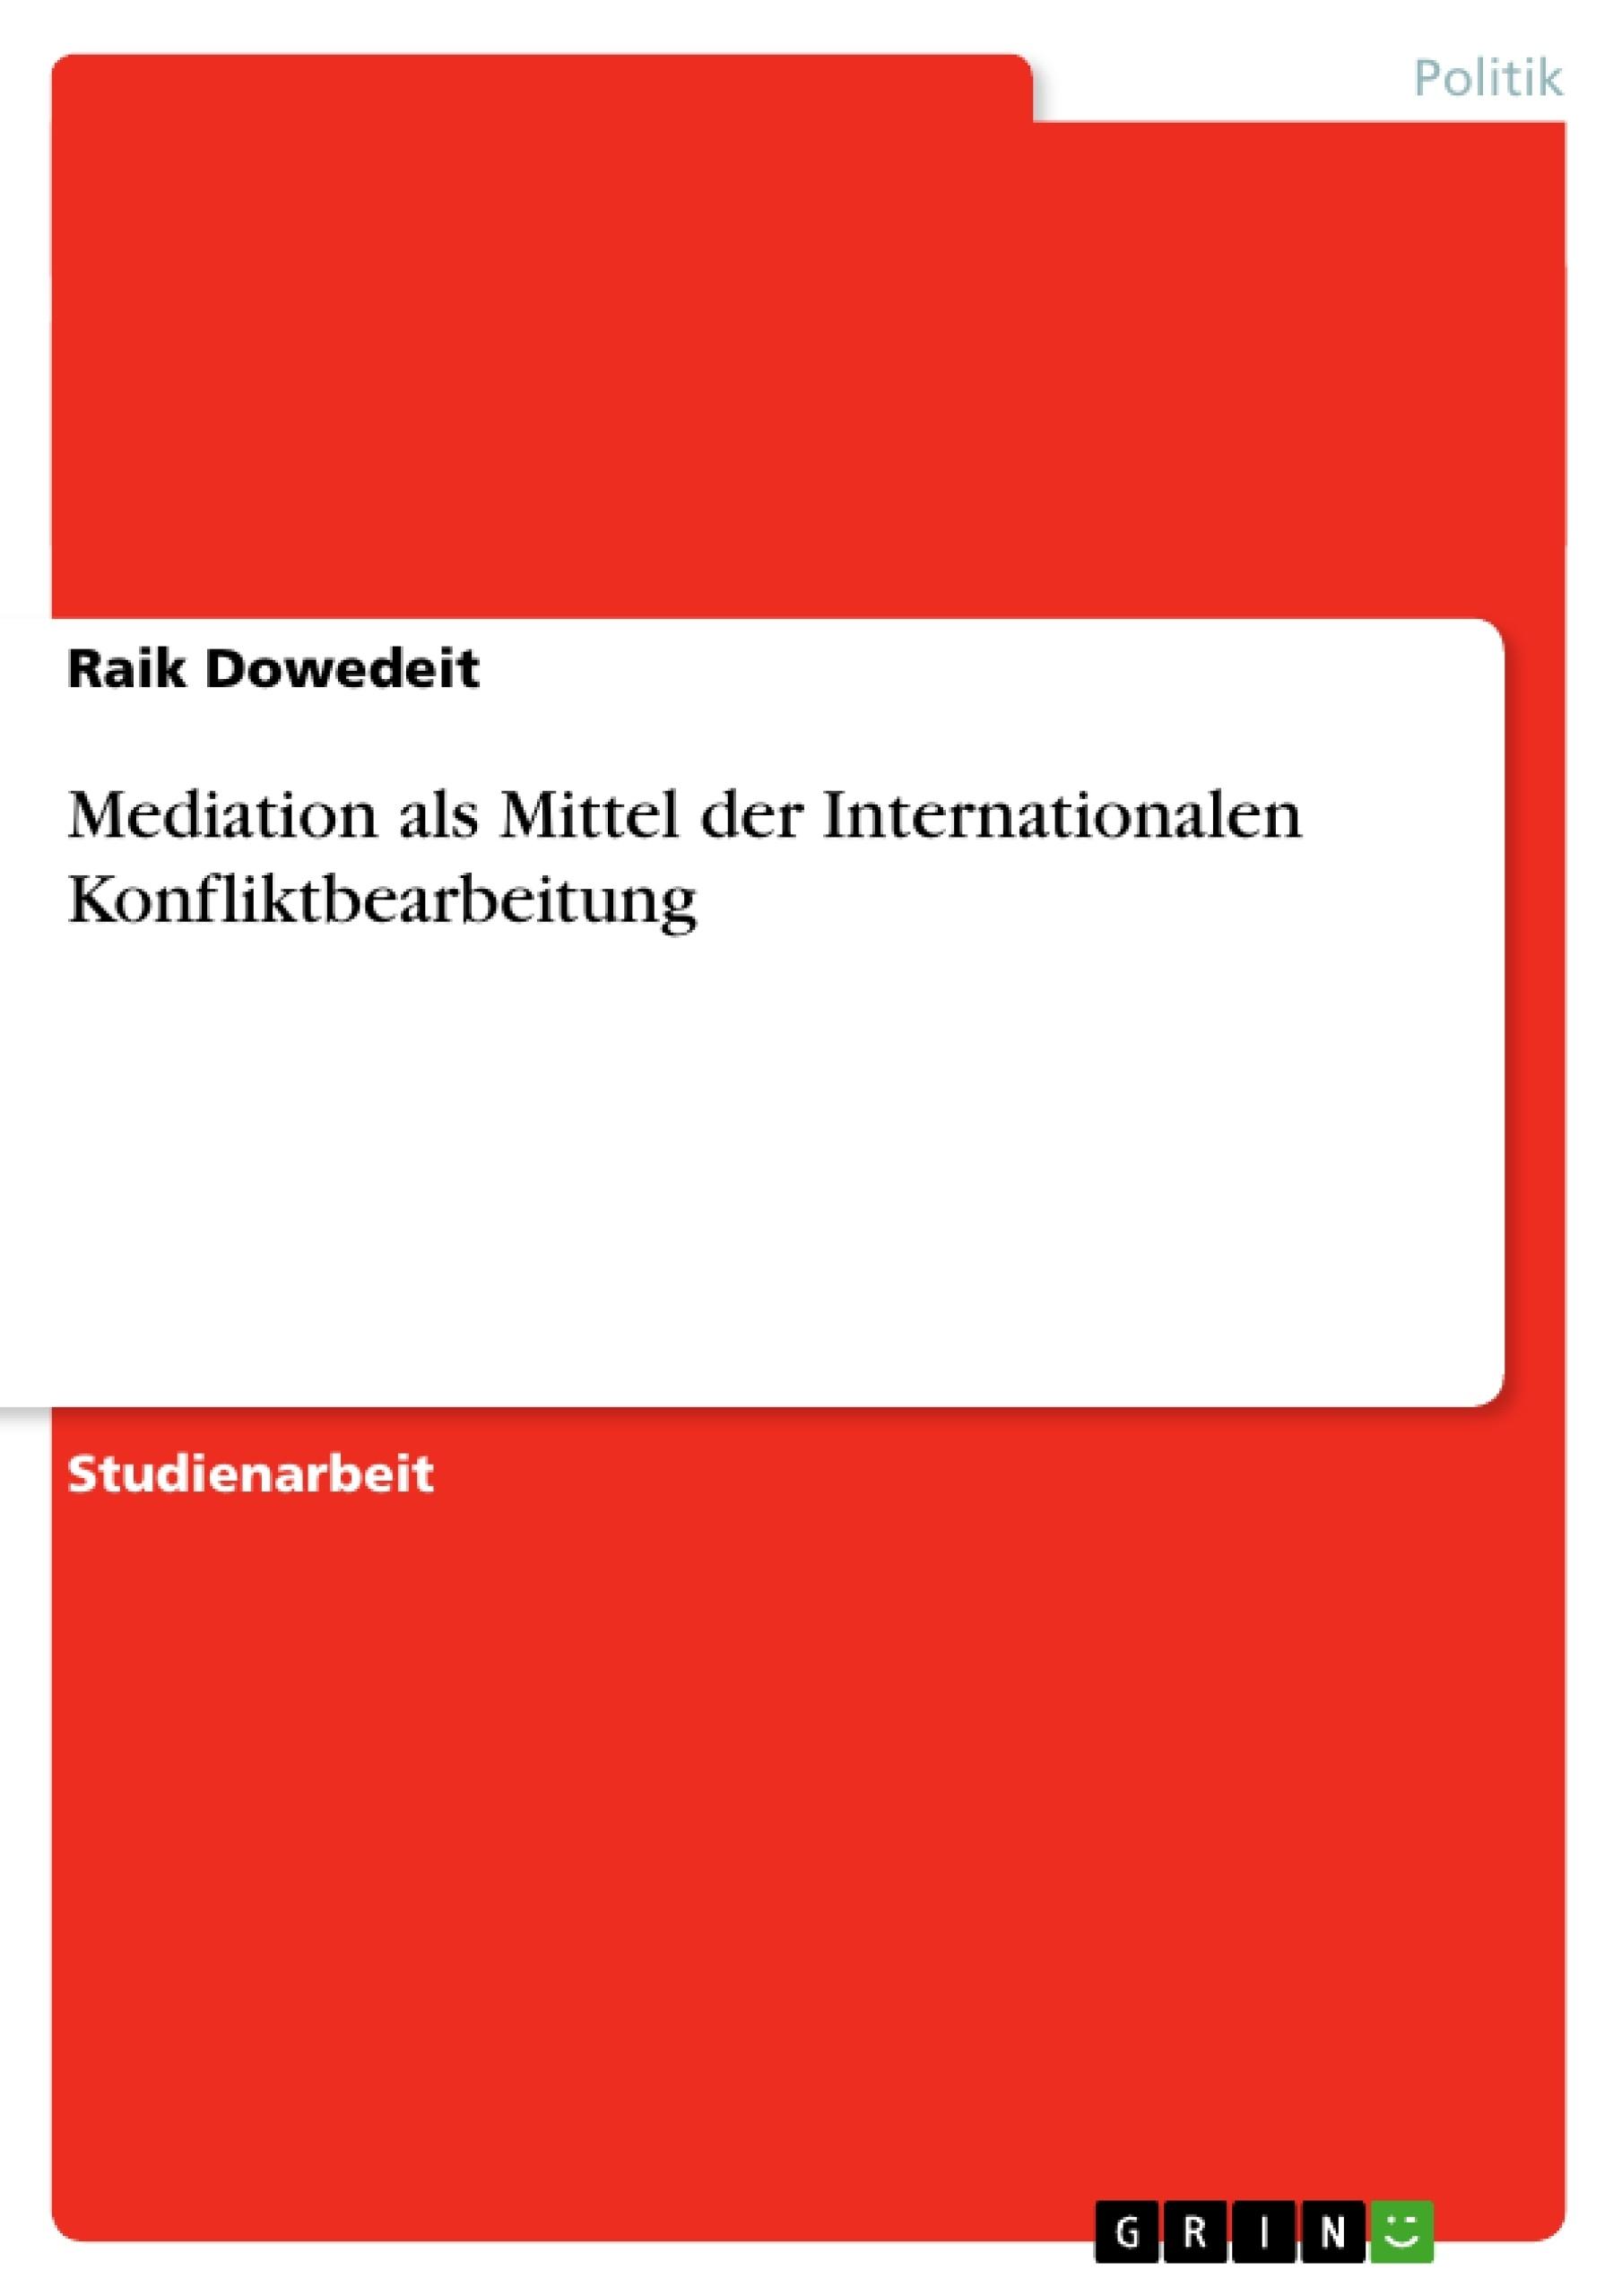 Titel: Mediation als Mittel der Internationalen Konfliktbearbeitung